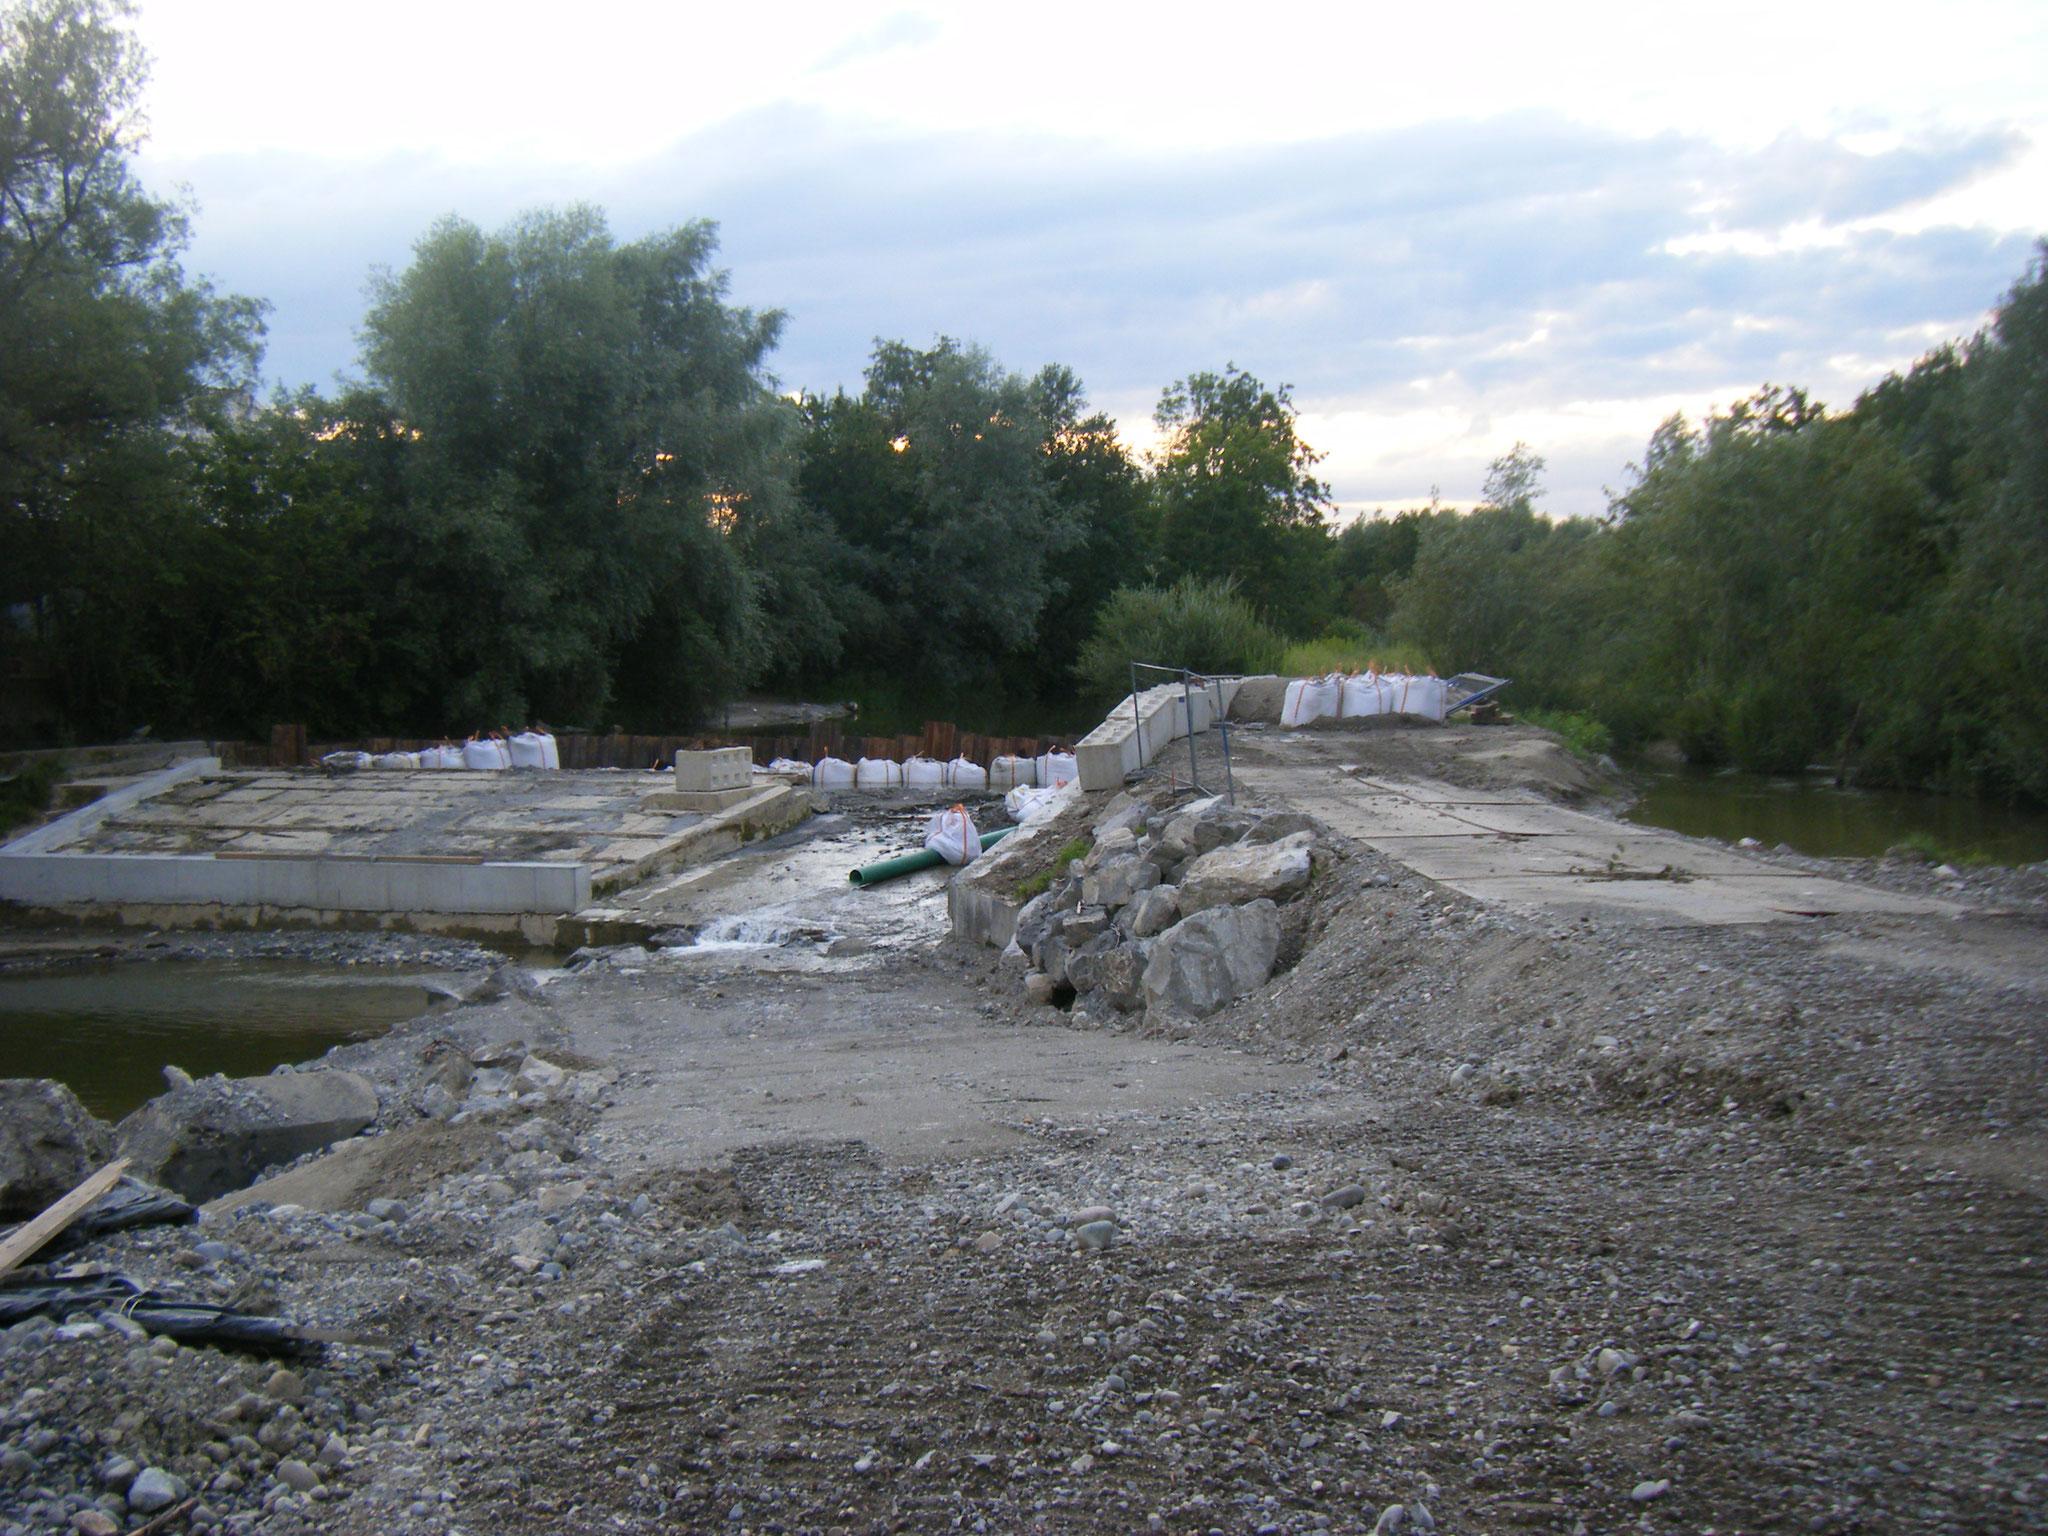 Am Tag vor dem Hochwasser: die Spundwand ist gesetzt, säuberlich zur Verstärkung aufgereiht die weissen Schwerlast-Säcke